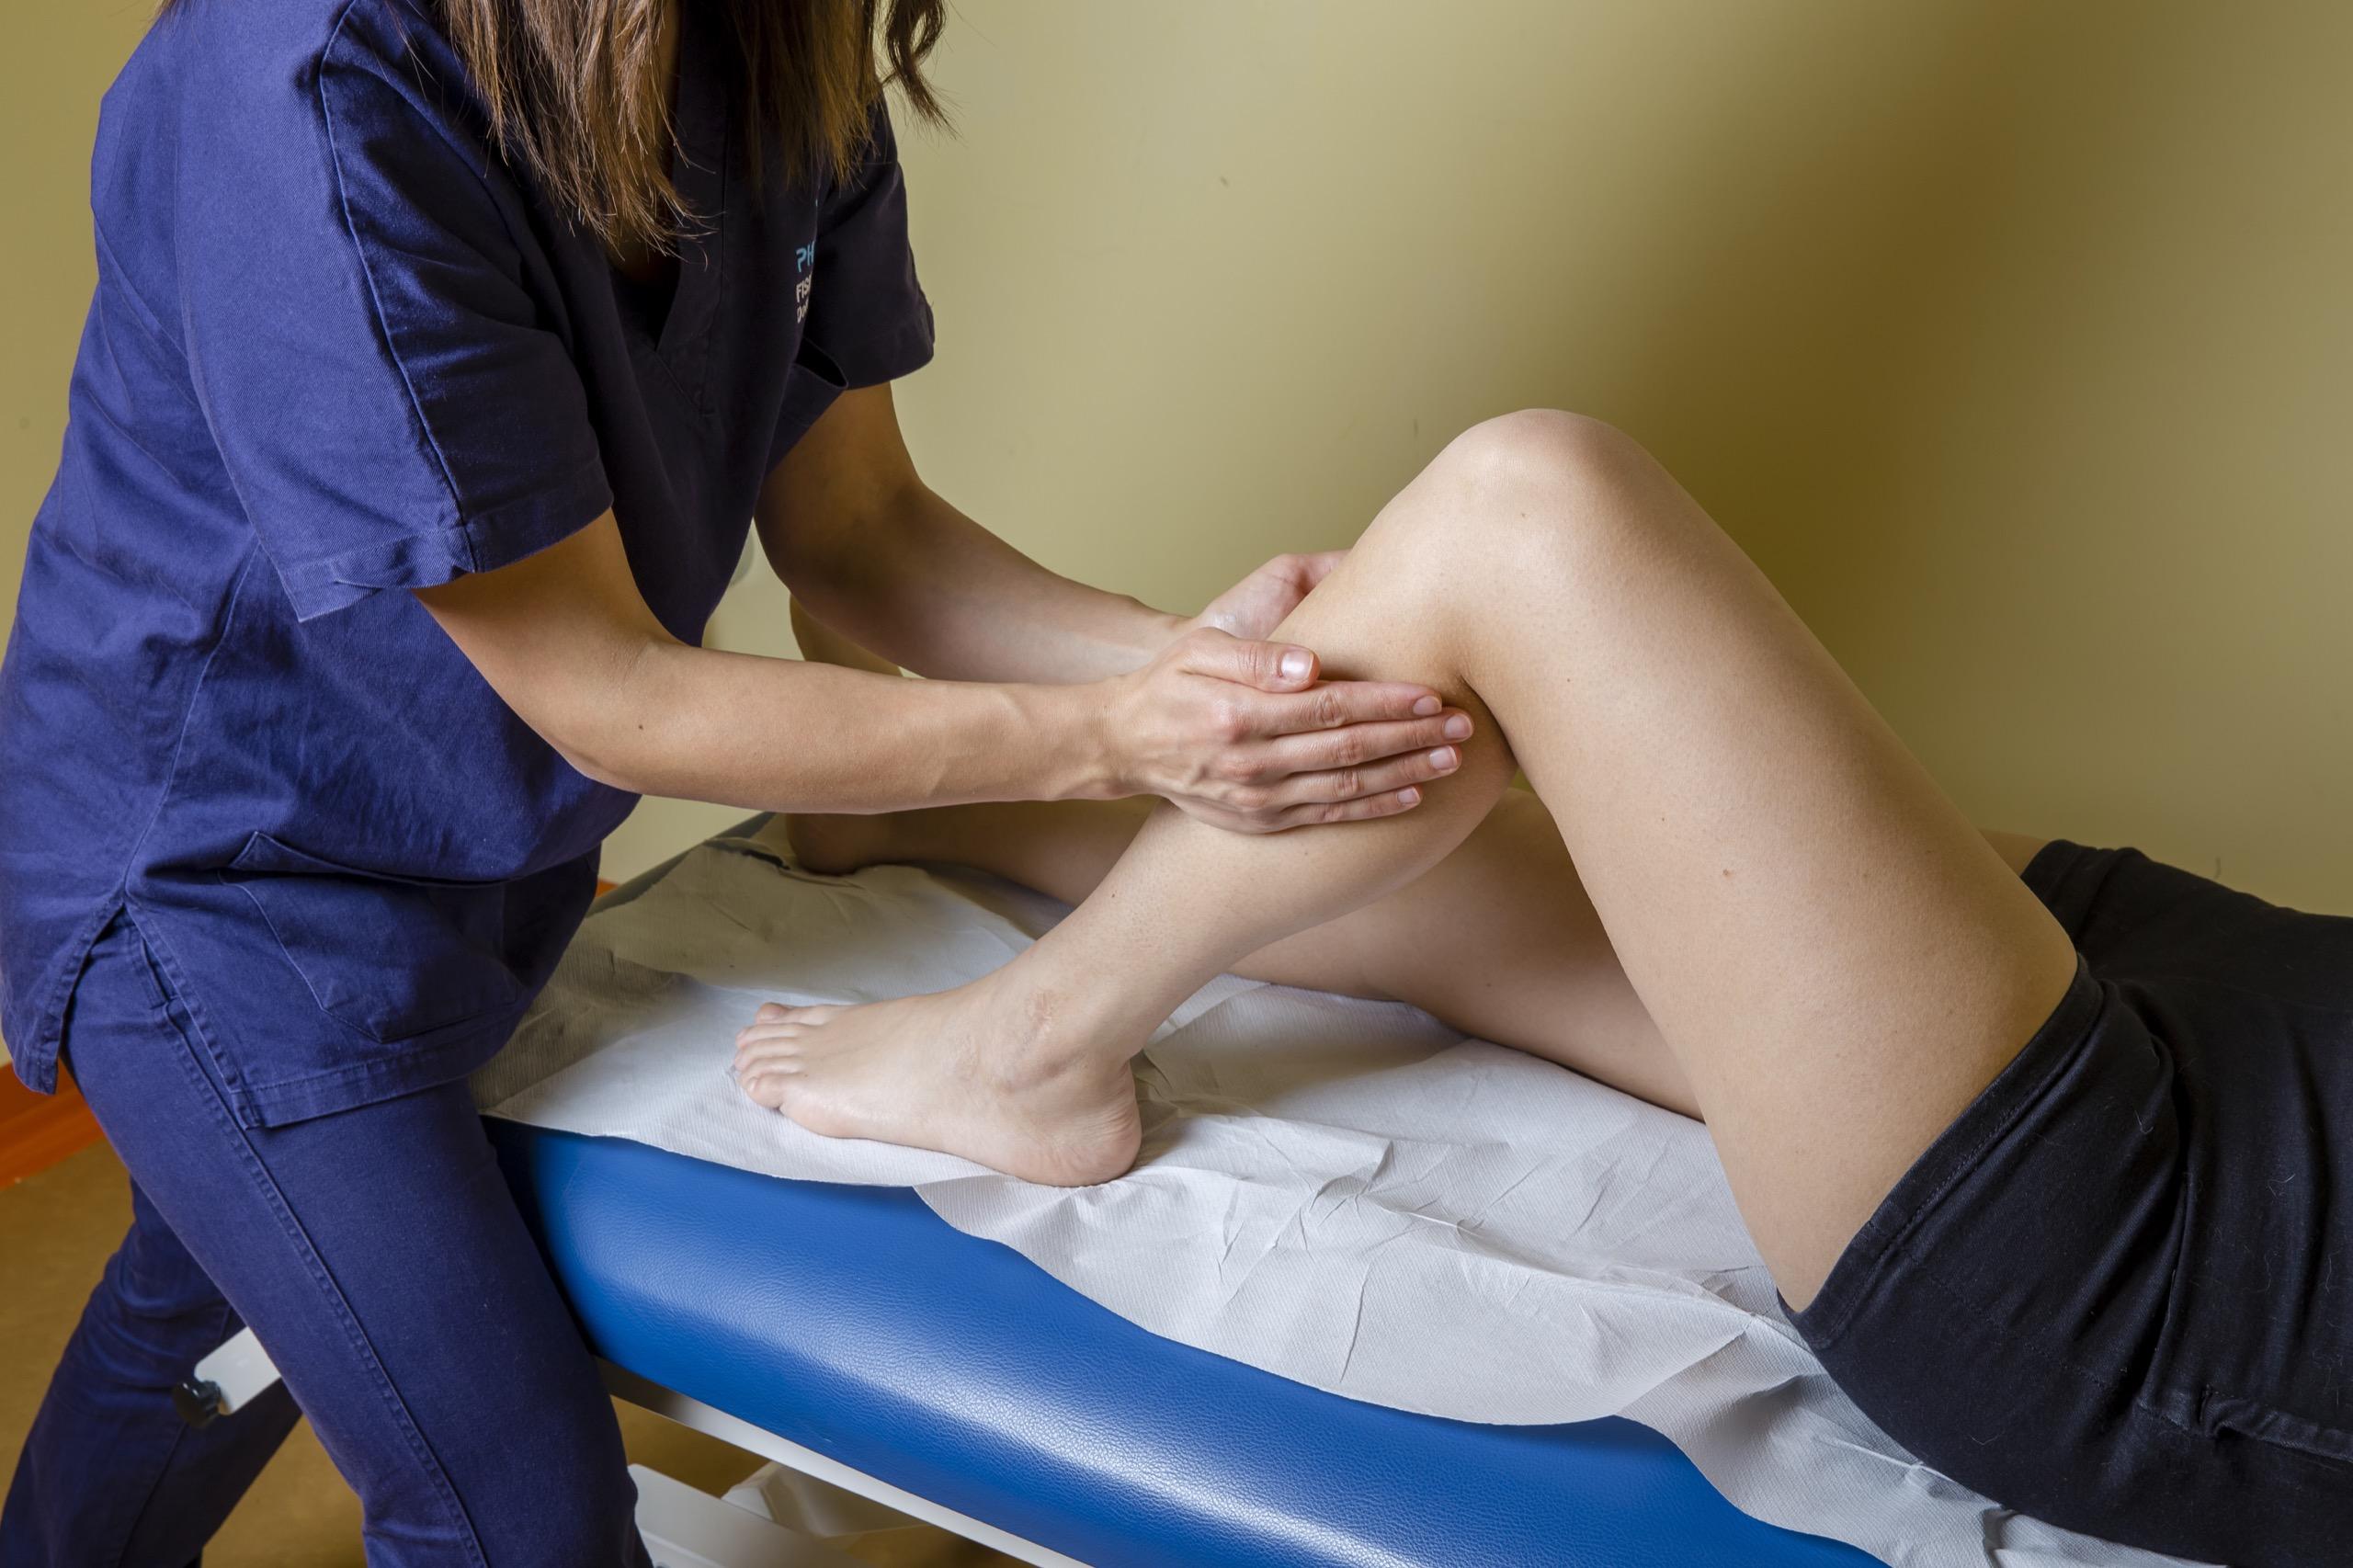 La fisioterapia dermato-funzionale: salute e benessere della pelle